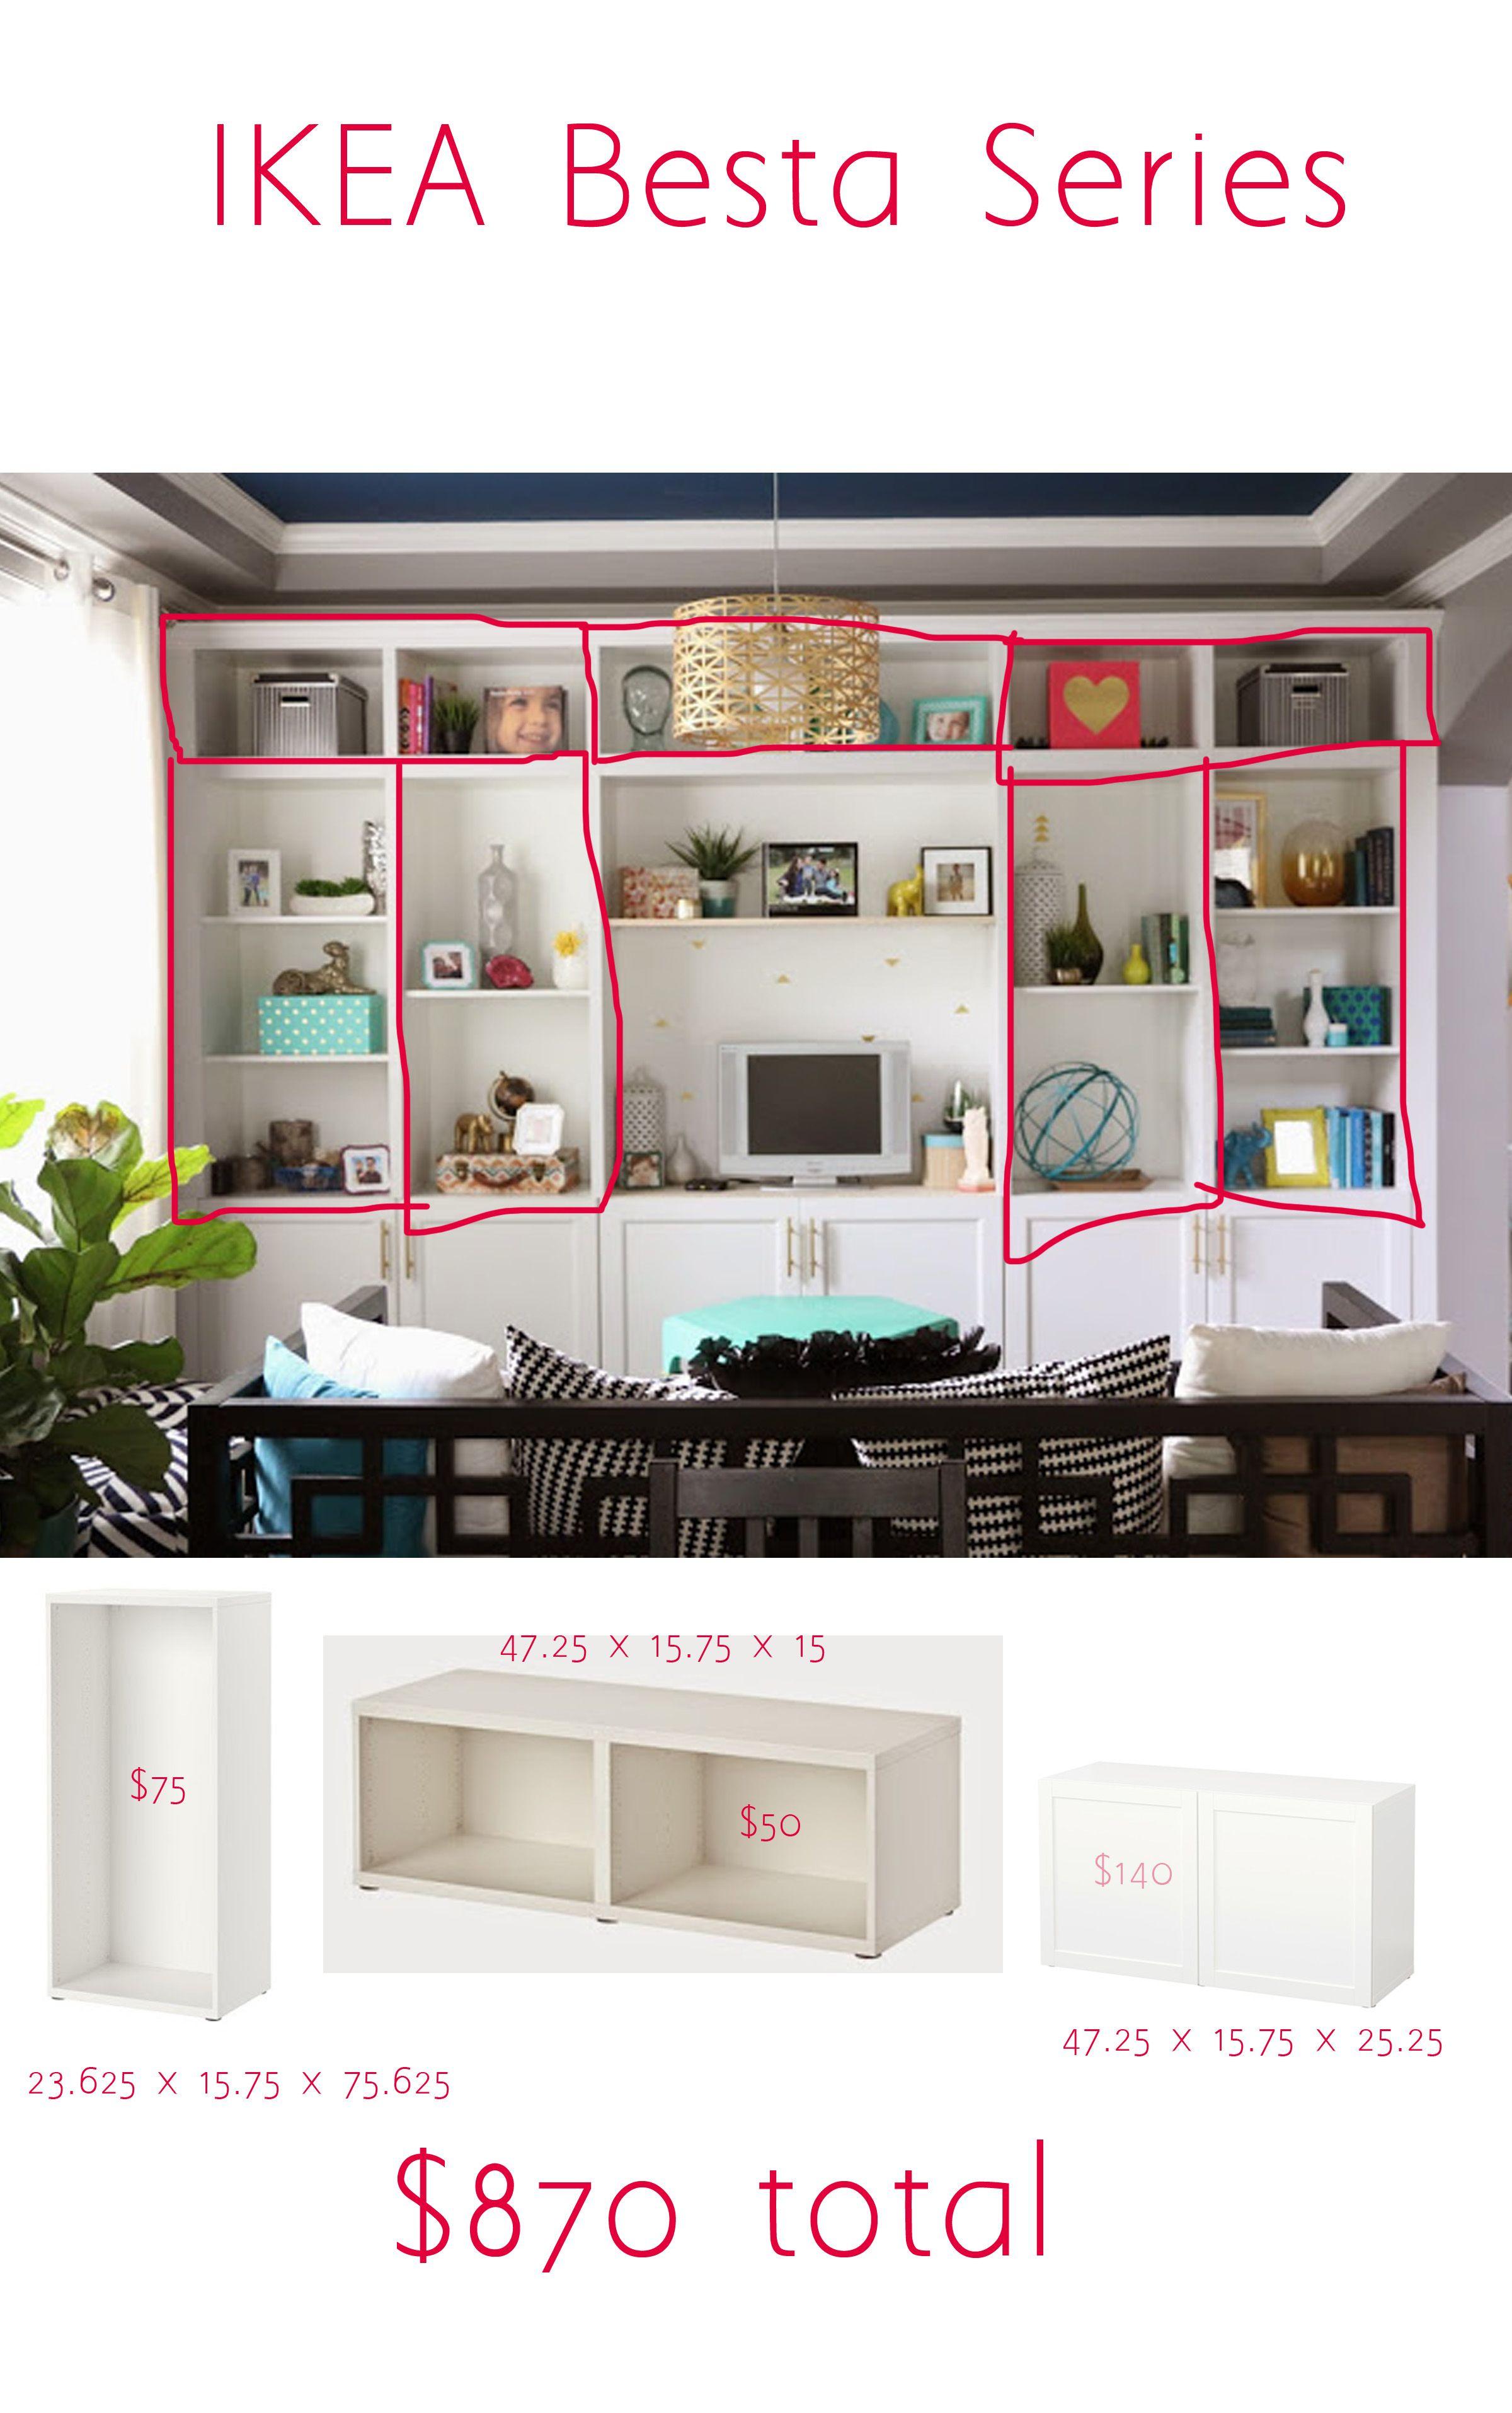 ikea besta built in pinterest. Black Bedroom Furniture Sets. Home Design Ideas